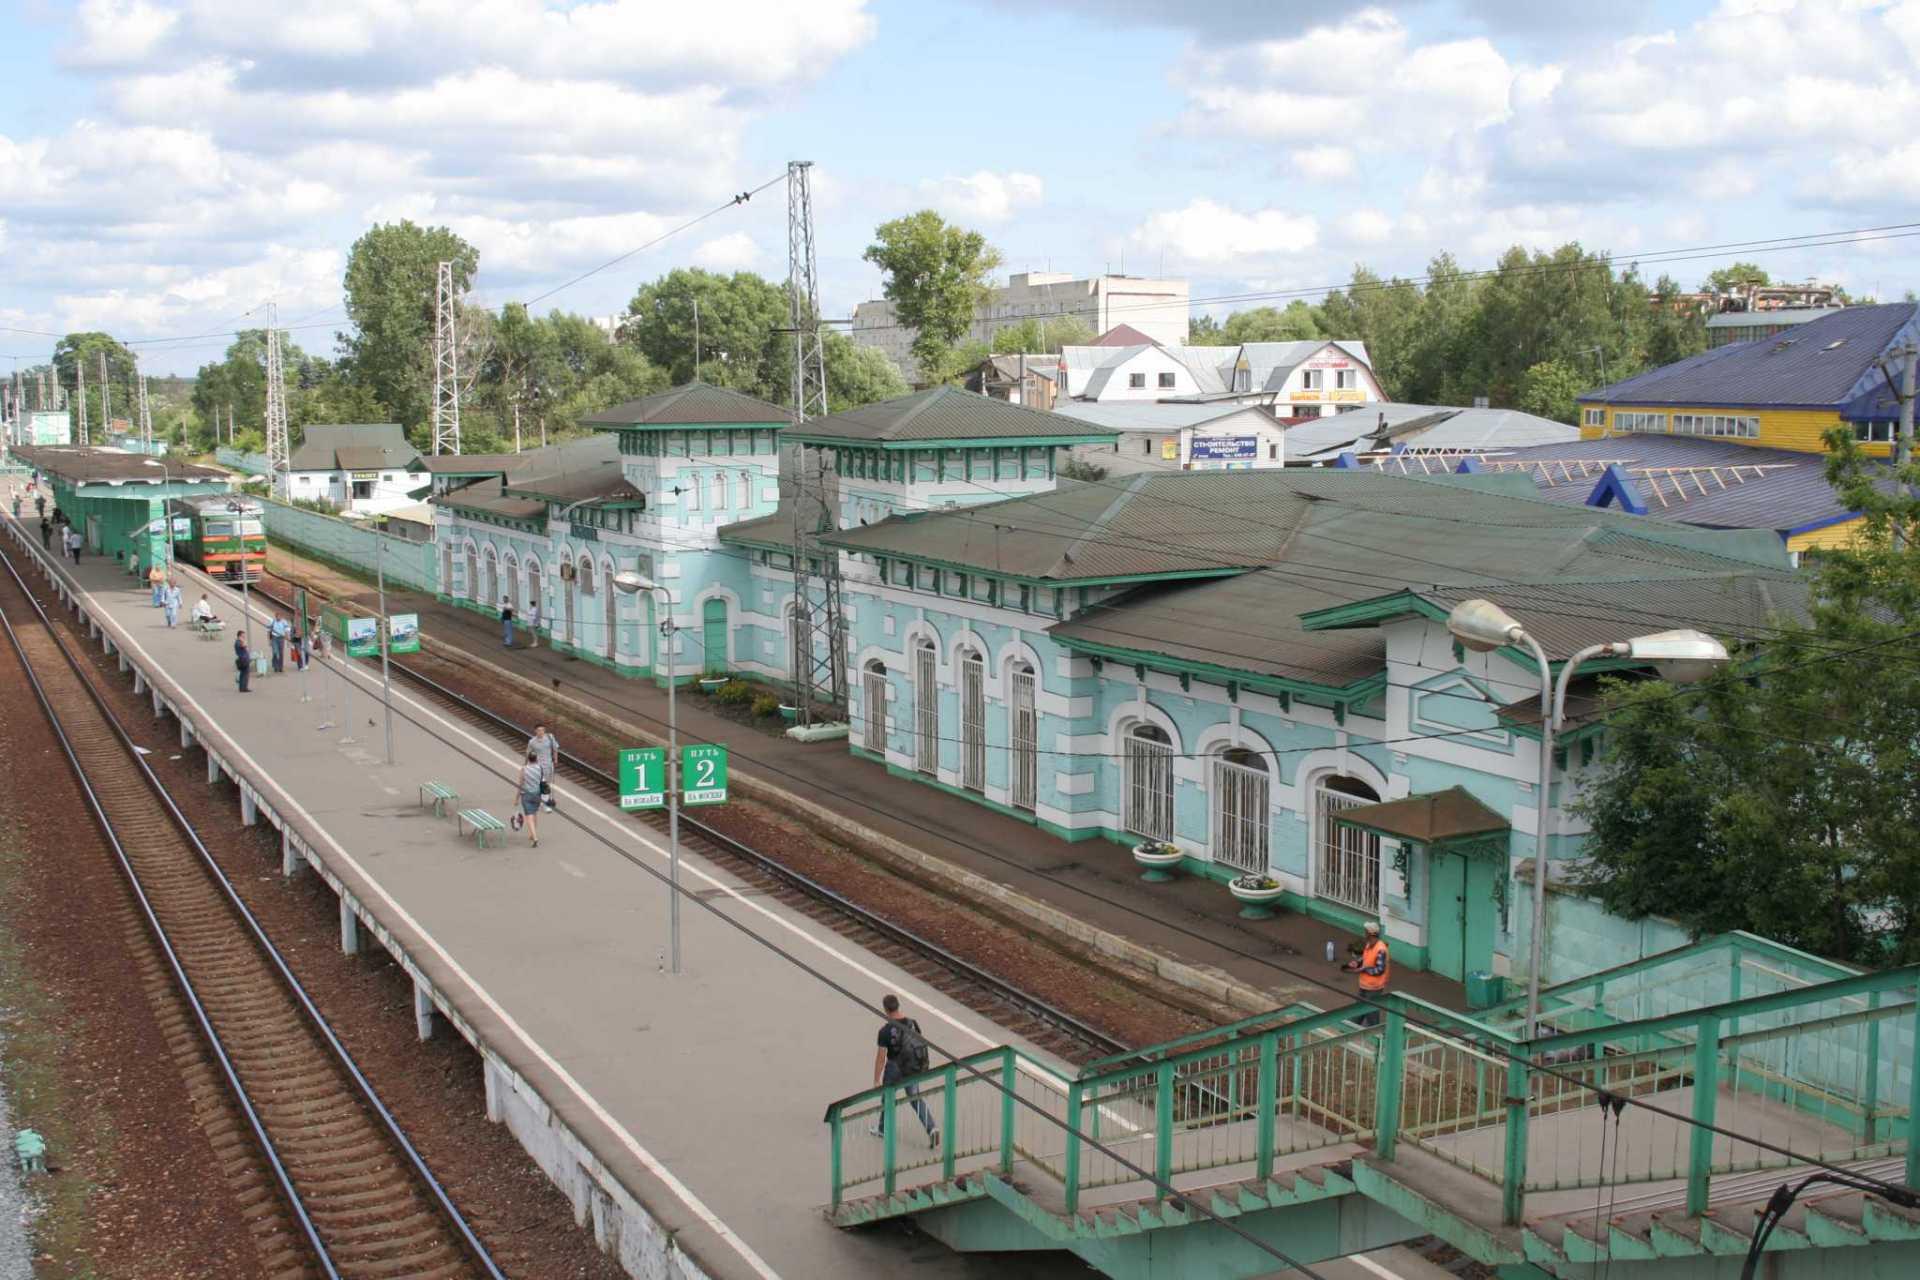 Реконструкция станций Петелино и Одинцово компанией ЦППК